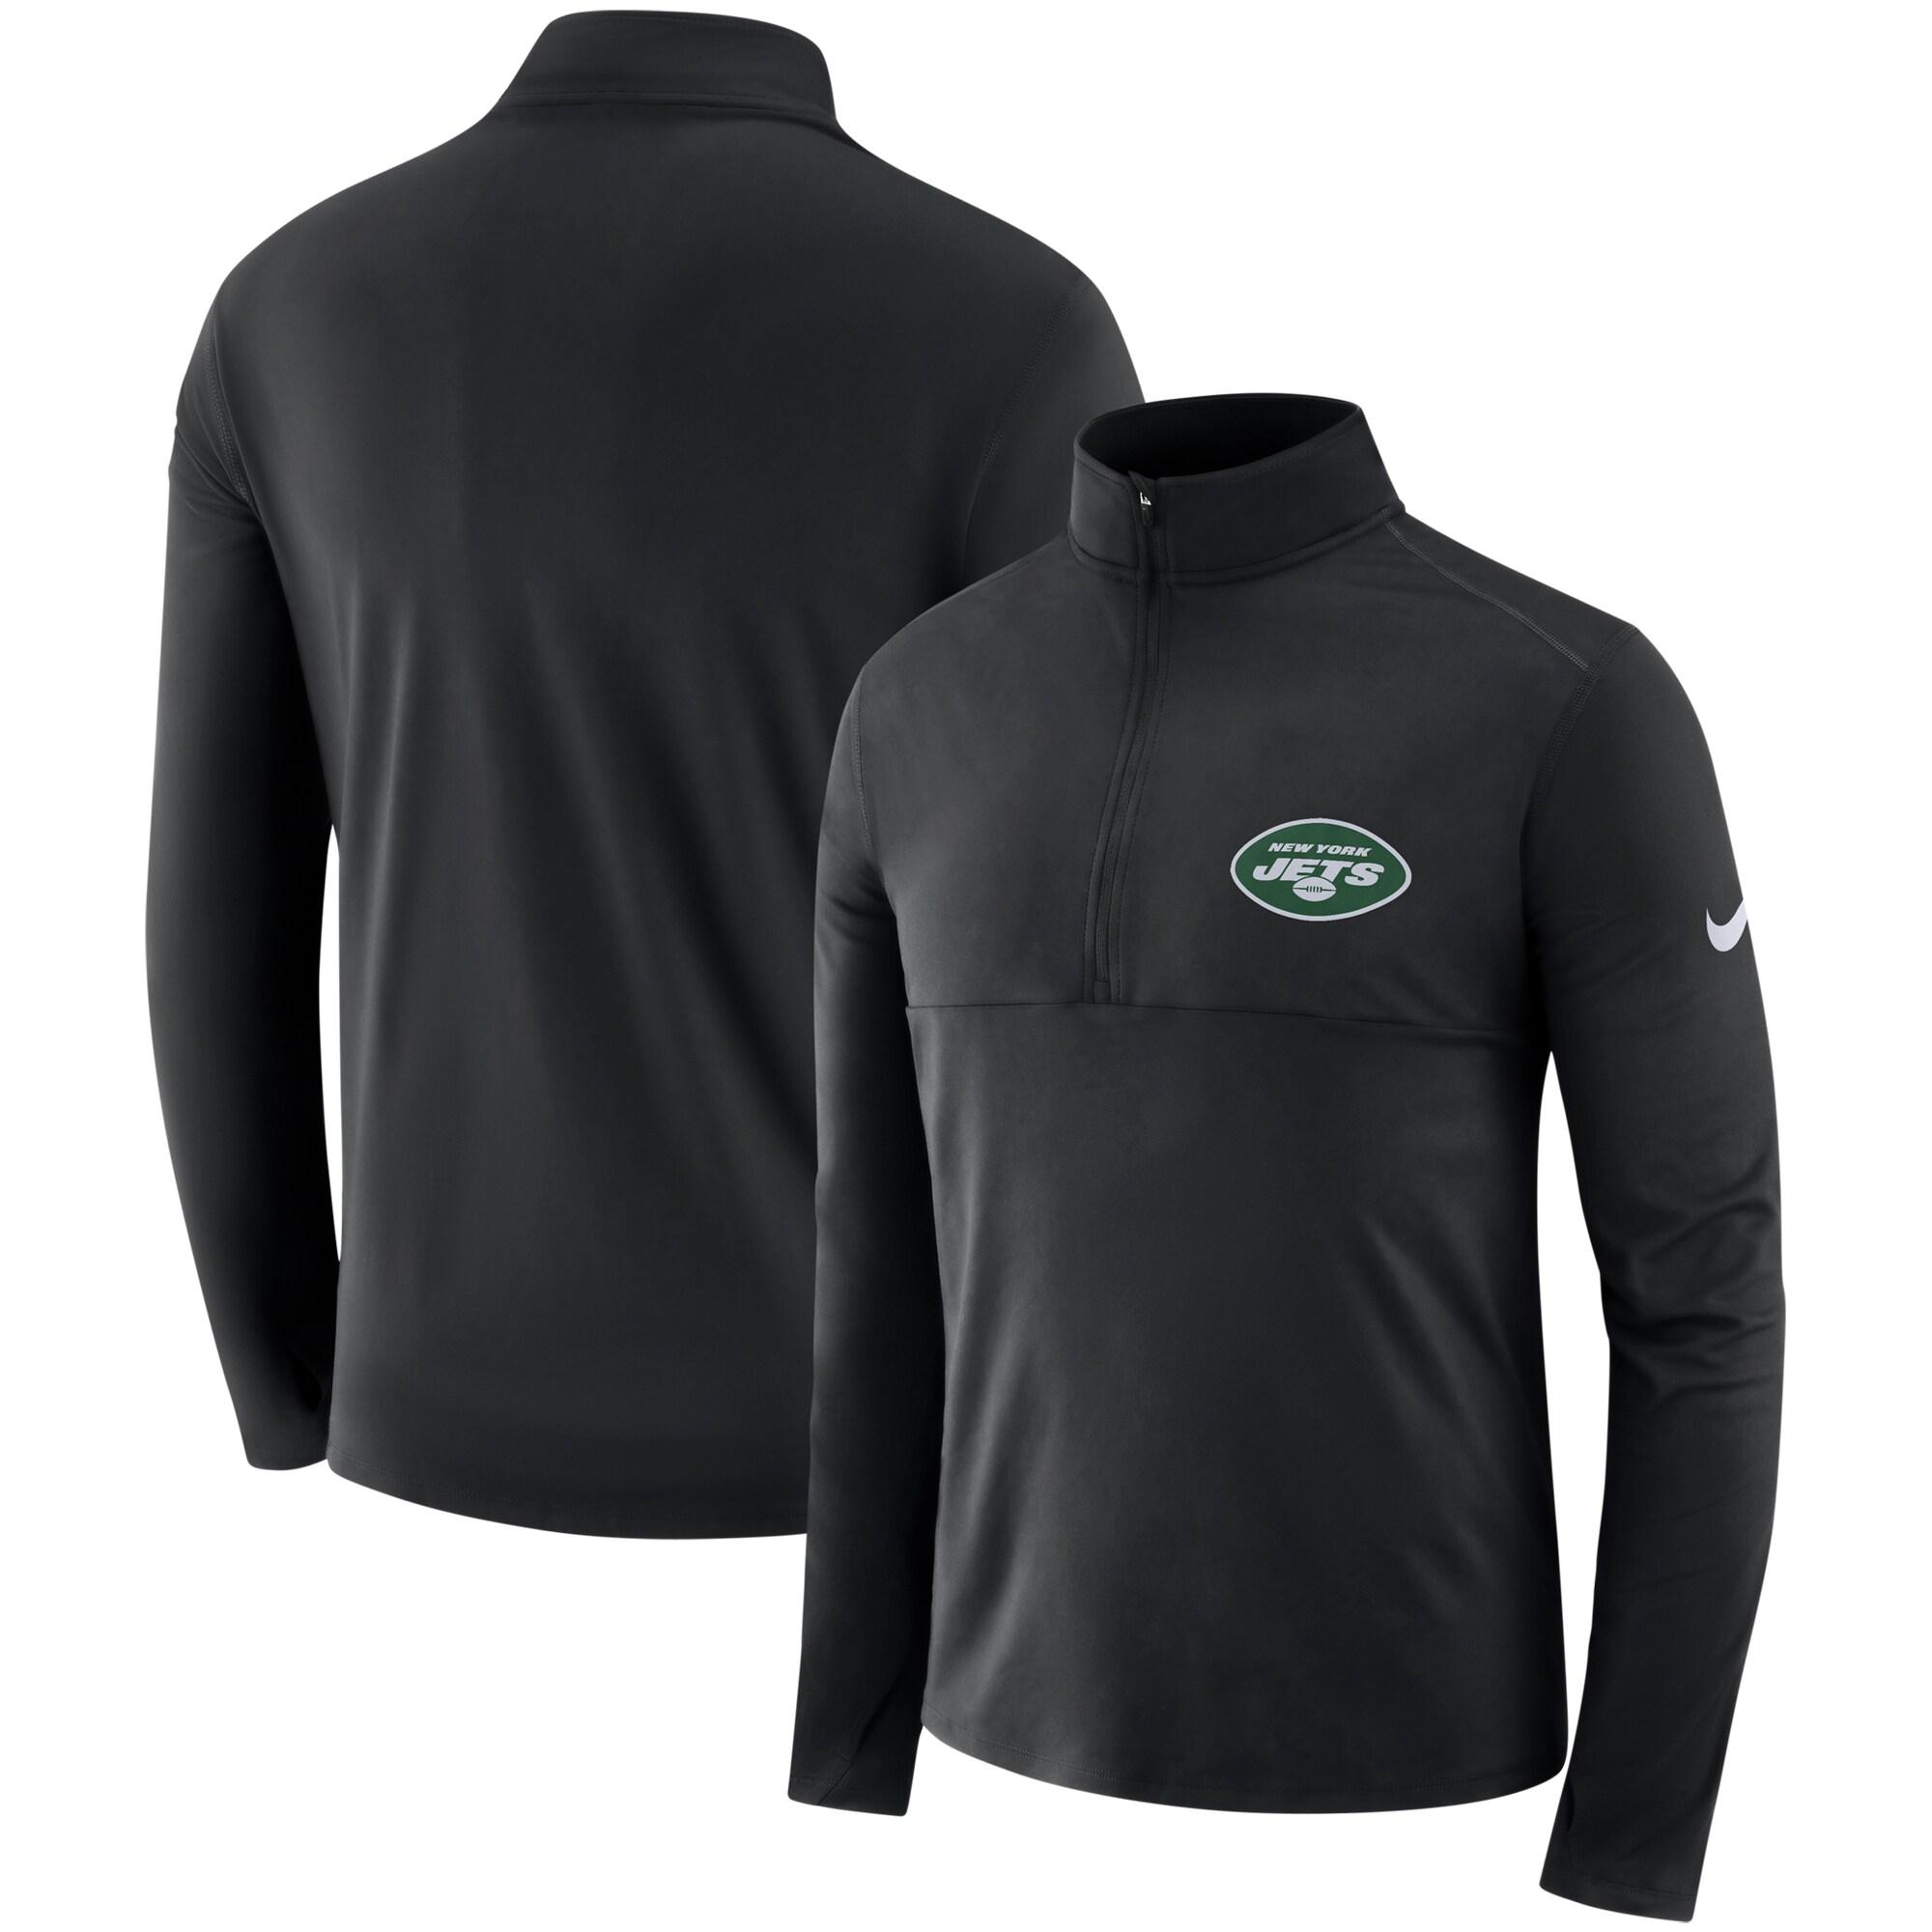 New York Jets Nike Fan Gear Element Core Performance Half-Zip Pullover Jacket - Black